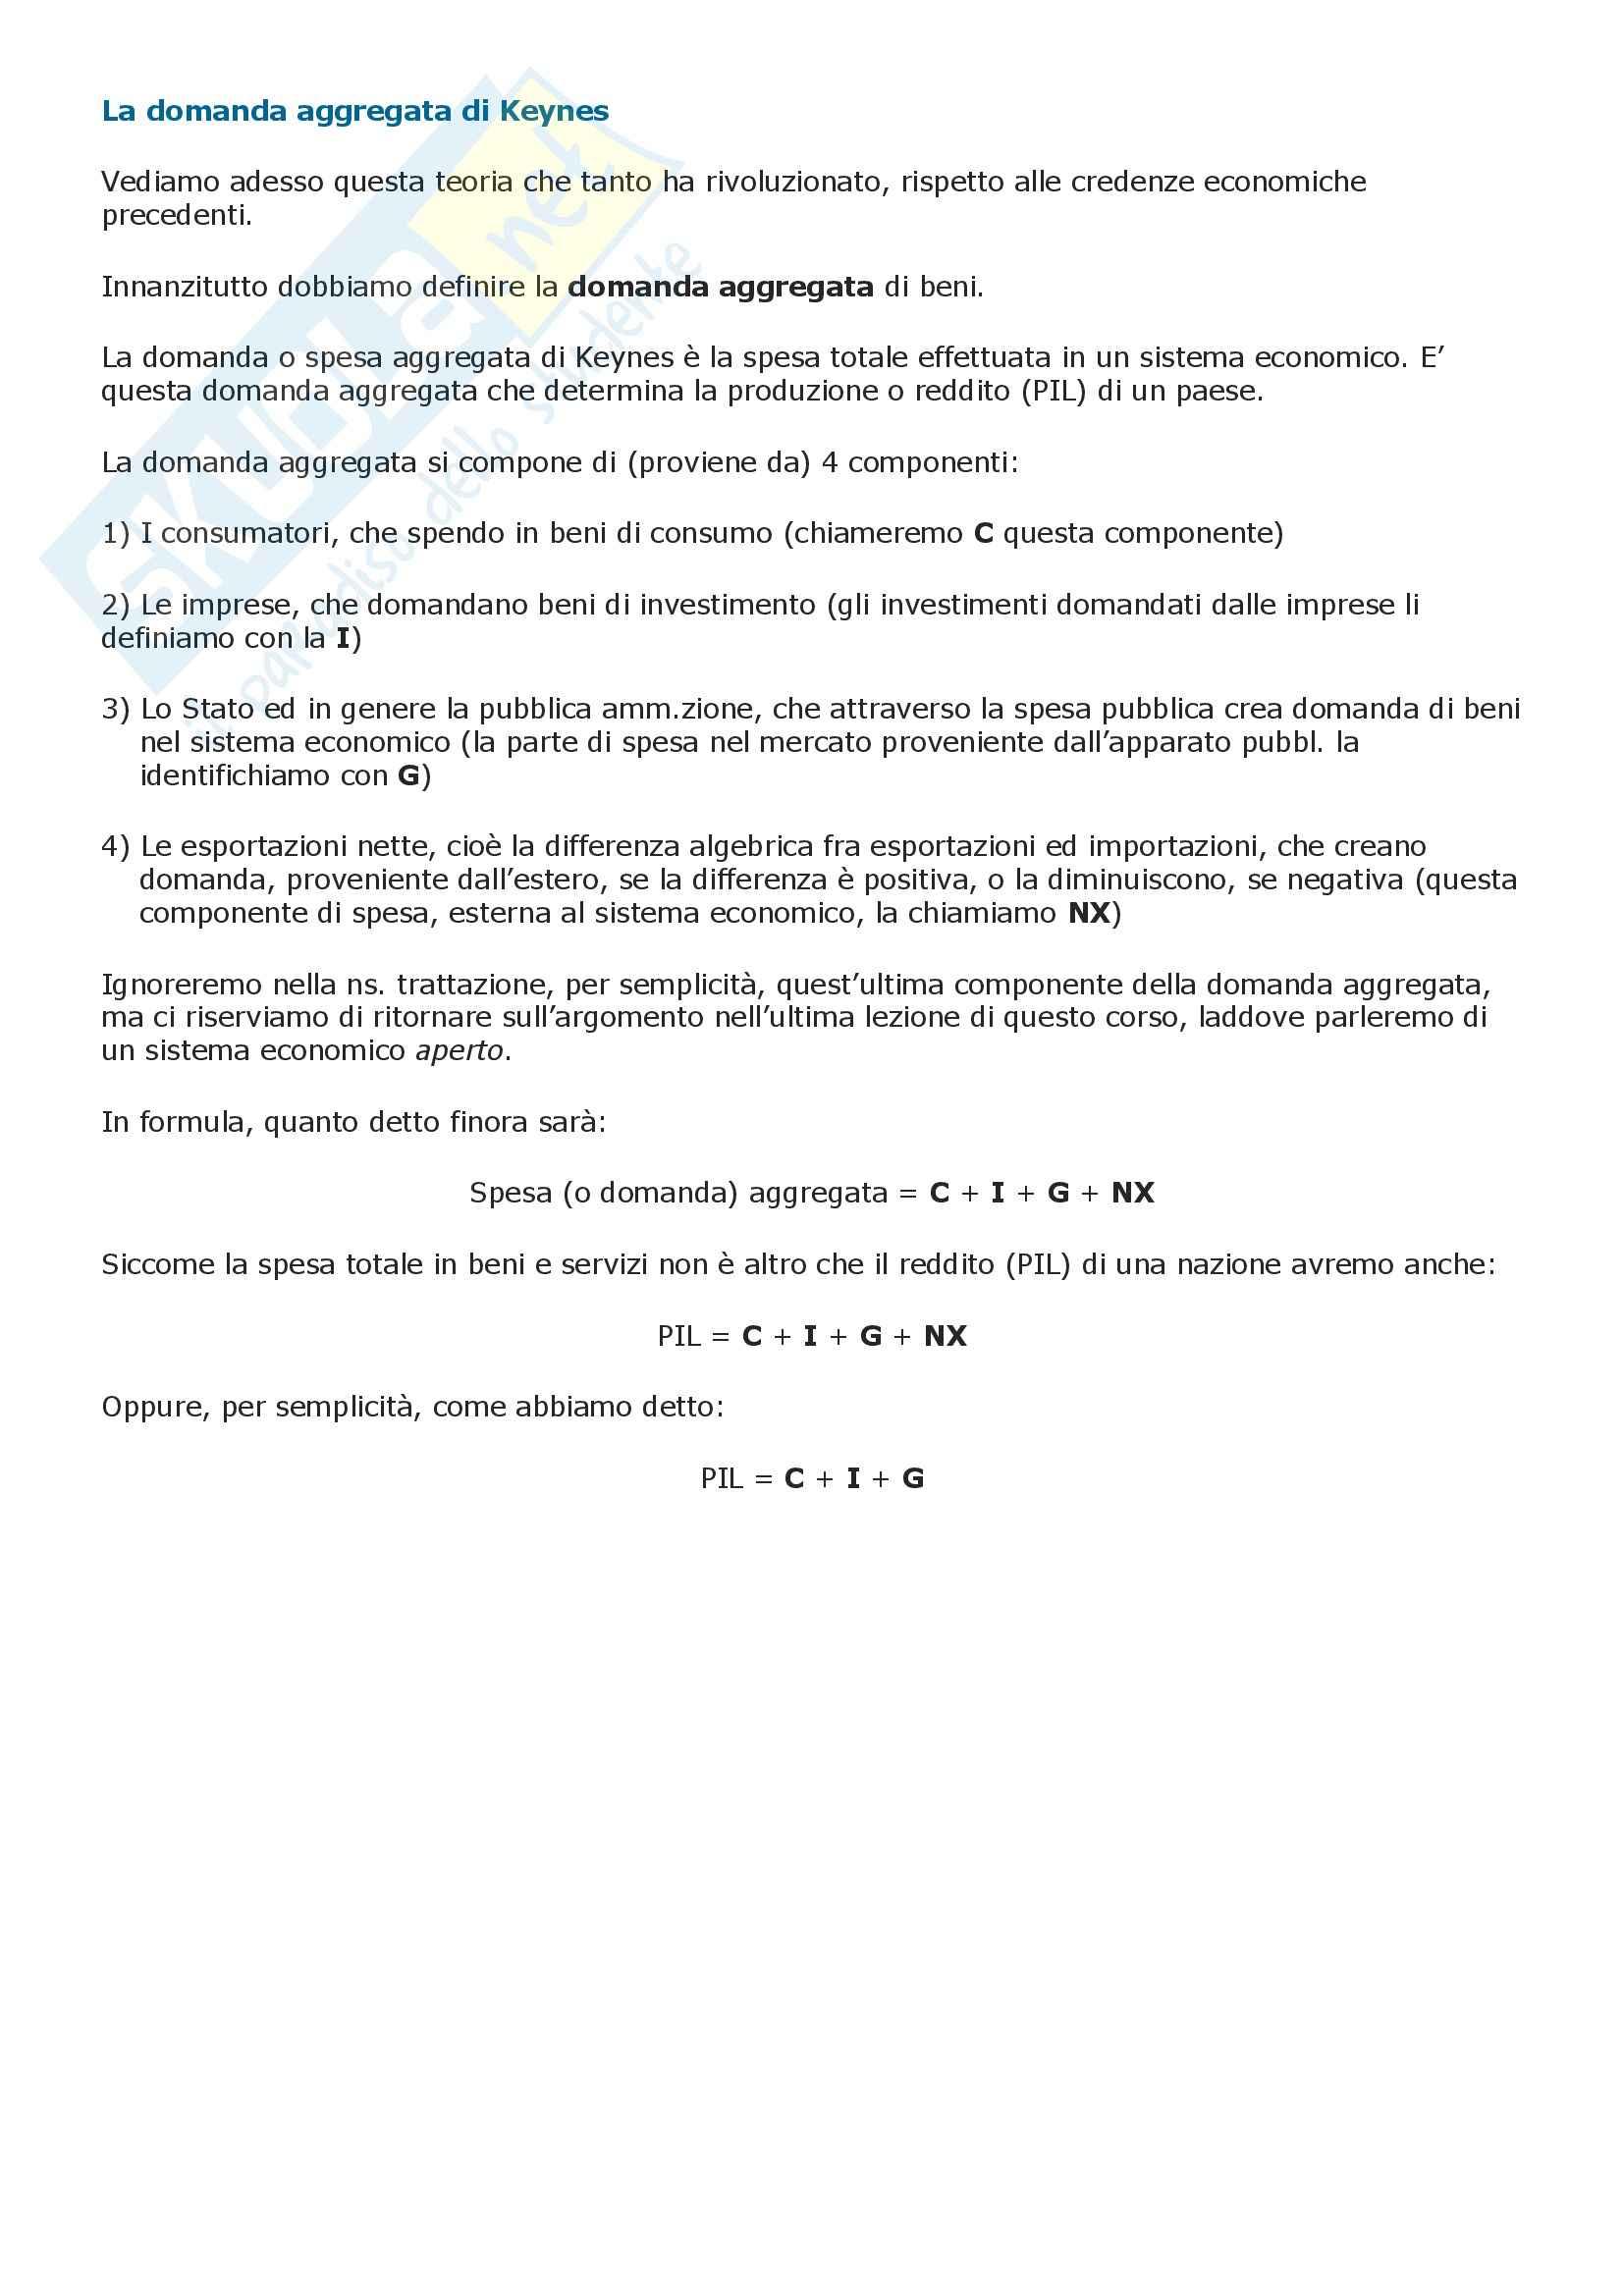 Macroeconomia e teoria Keynesiana della domanda aggregata Pag. 2